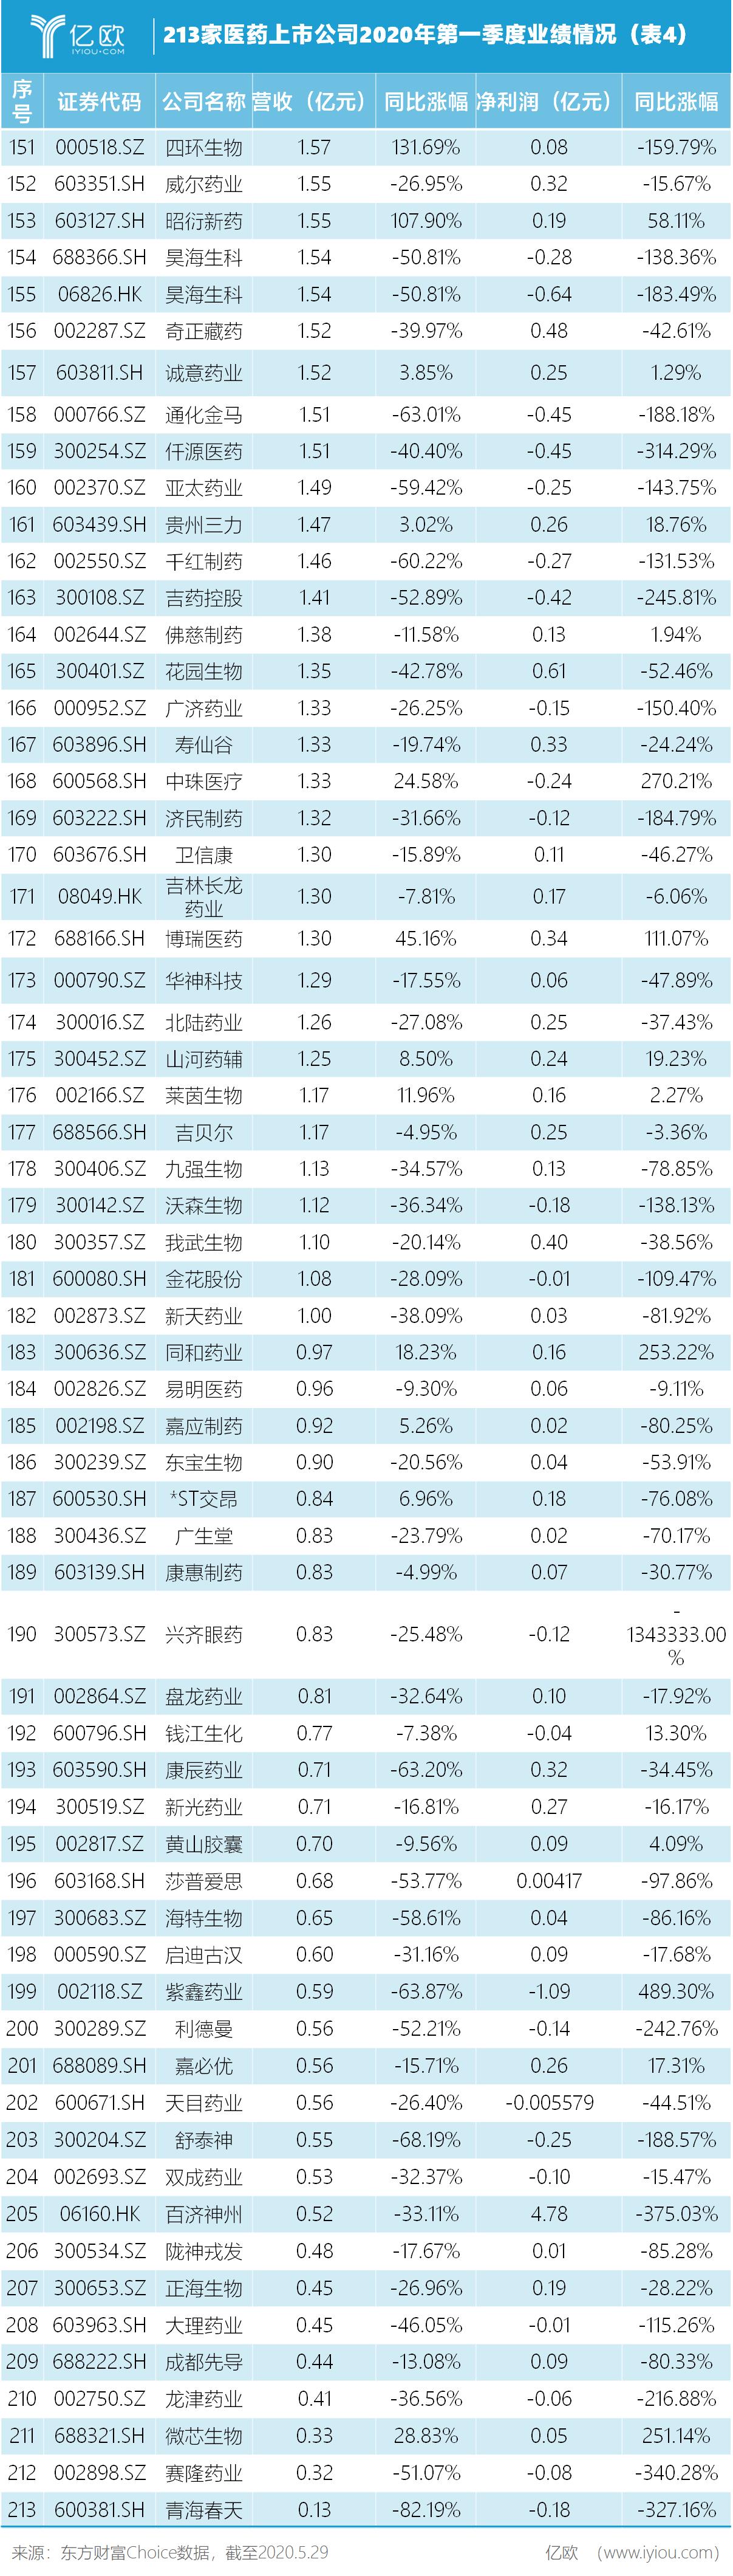 213家医药上市公司2020年第一季度业绩情况(外4)